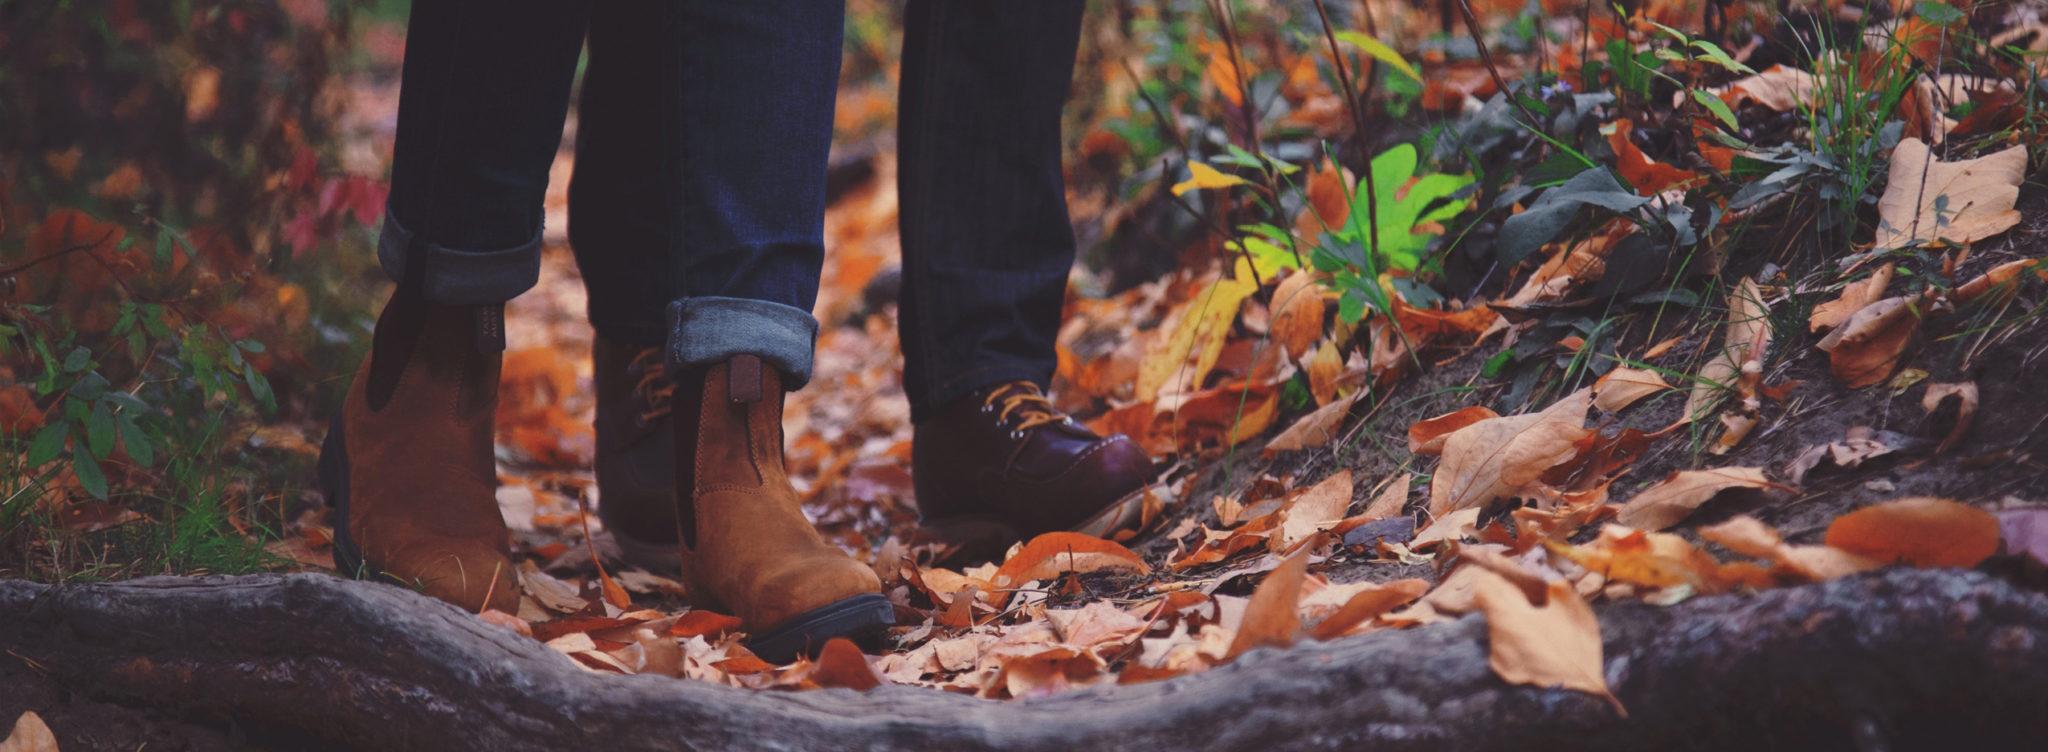 Miljöbild av höstlöv. Två par fötter i bakgrunden.